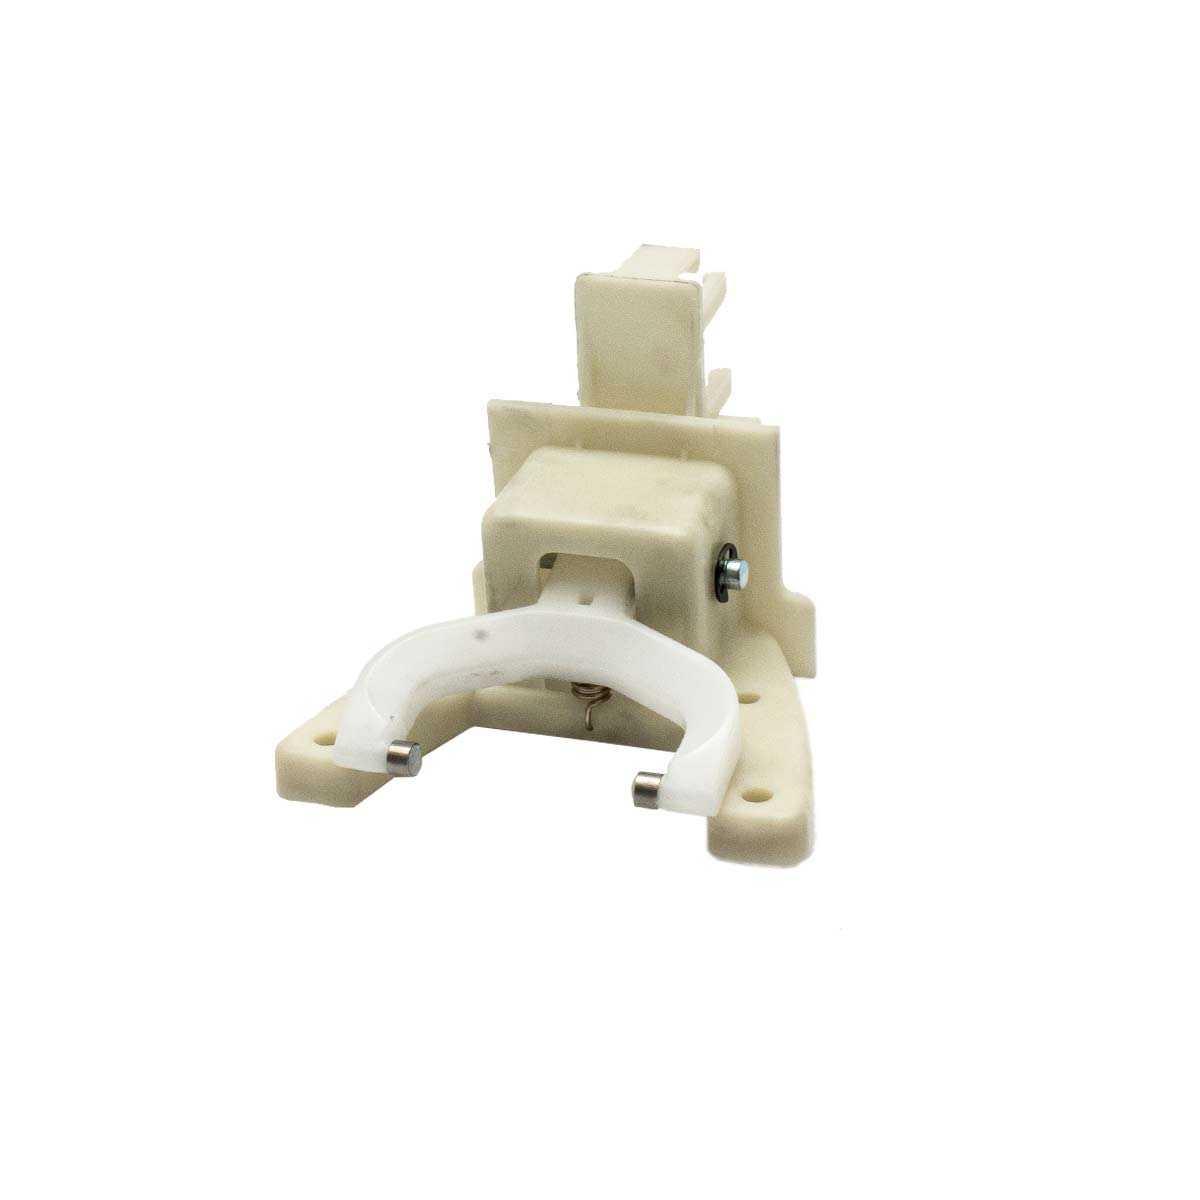 Suporte atuador para lavadora Colormaq LCA11, LCA12